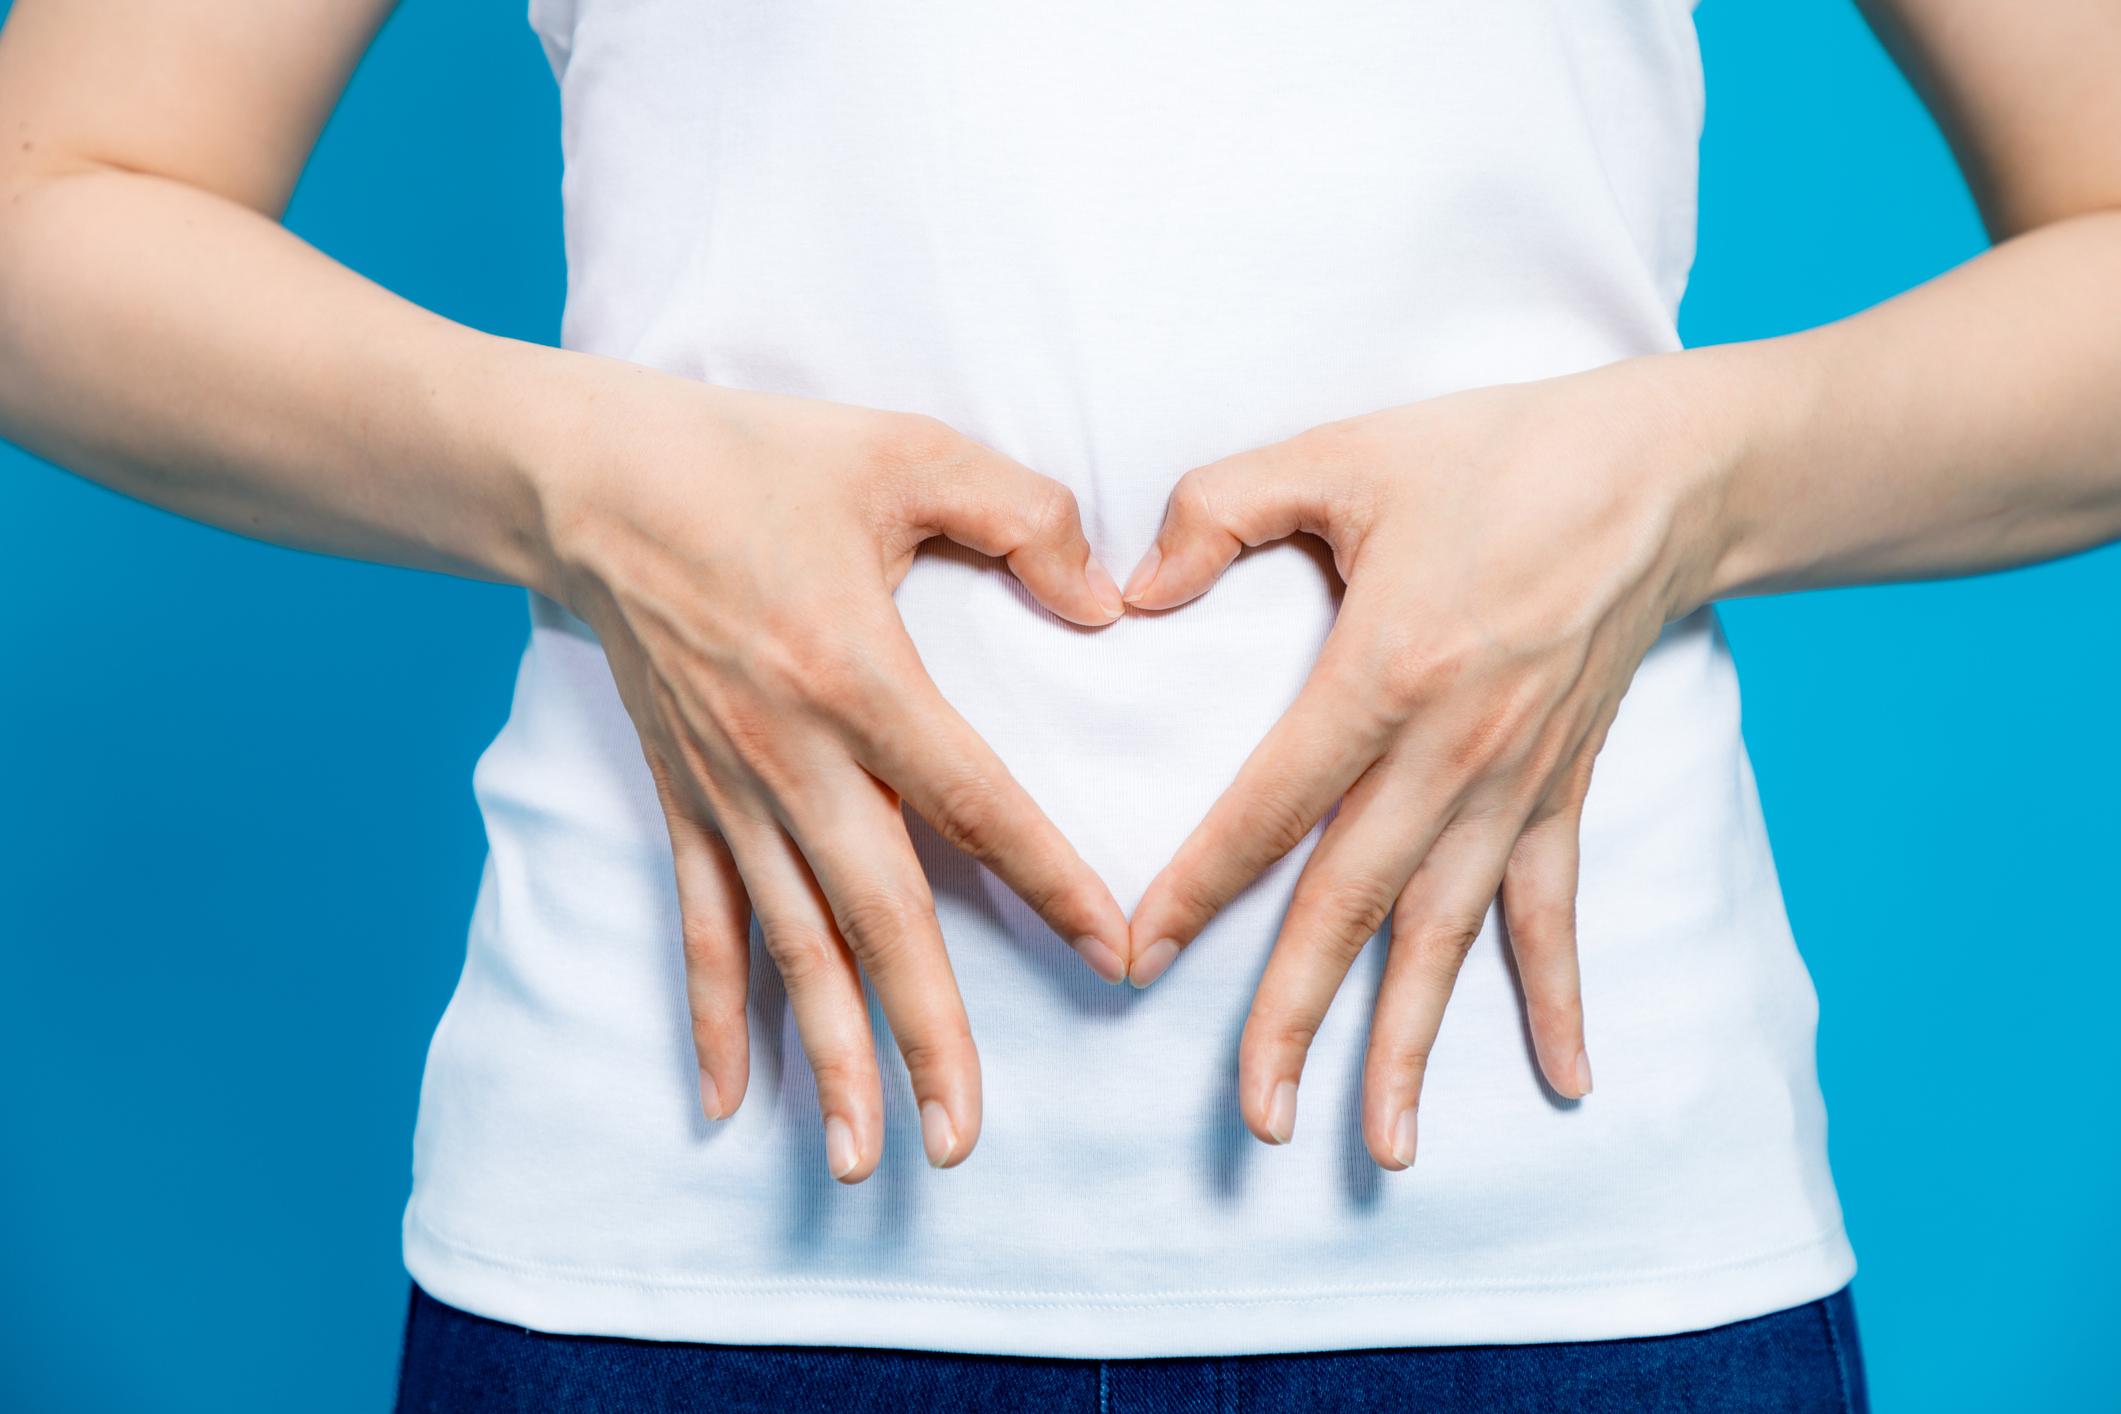 Τι είναι  το  Σύνδρομο Υπερανάπτυξης Βακτηριδίων του Εντέρου (SIBO) και γιατί οδηγεί σε σοβαρά προβλήματα υγείας;